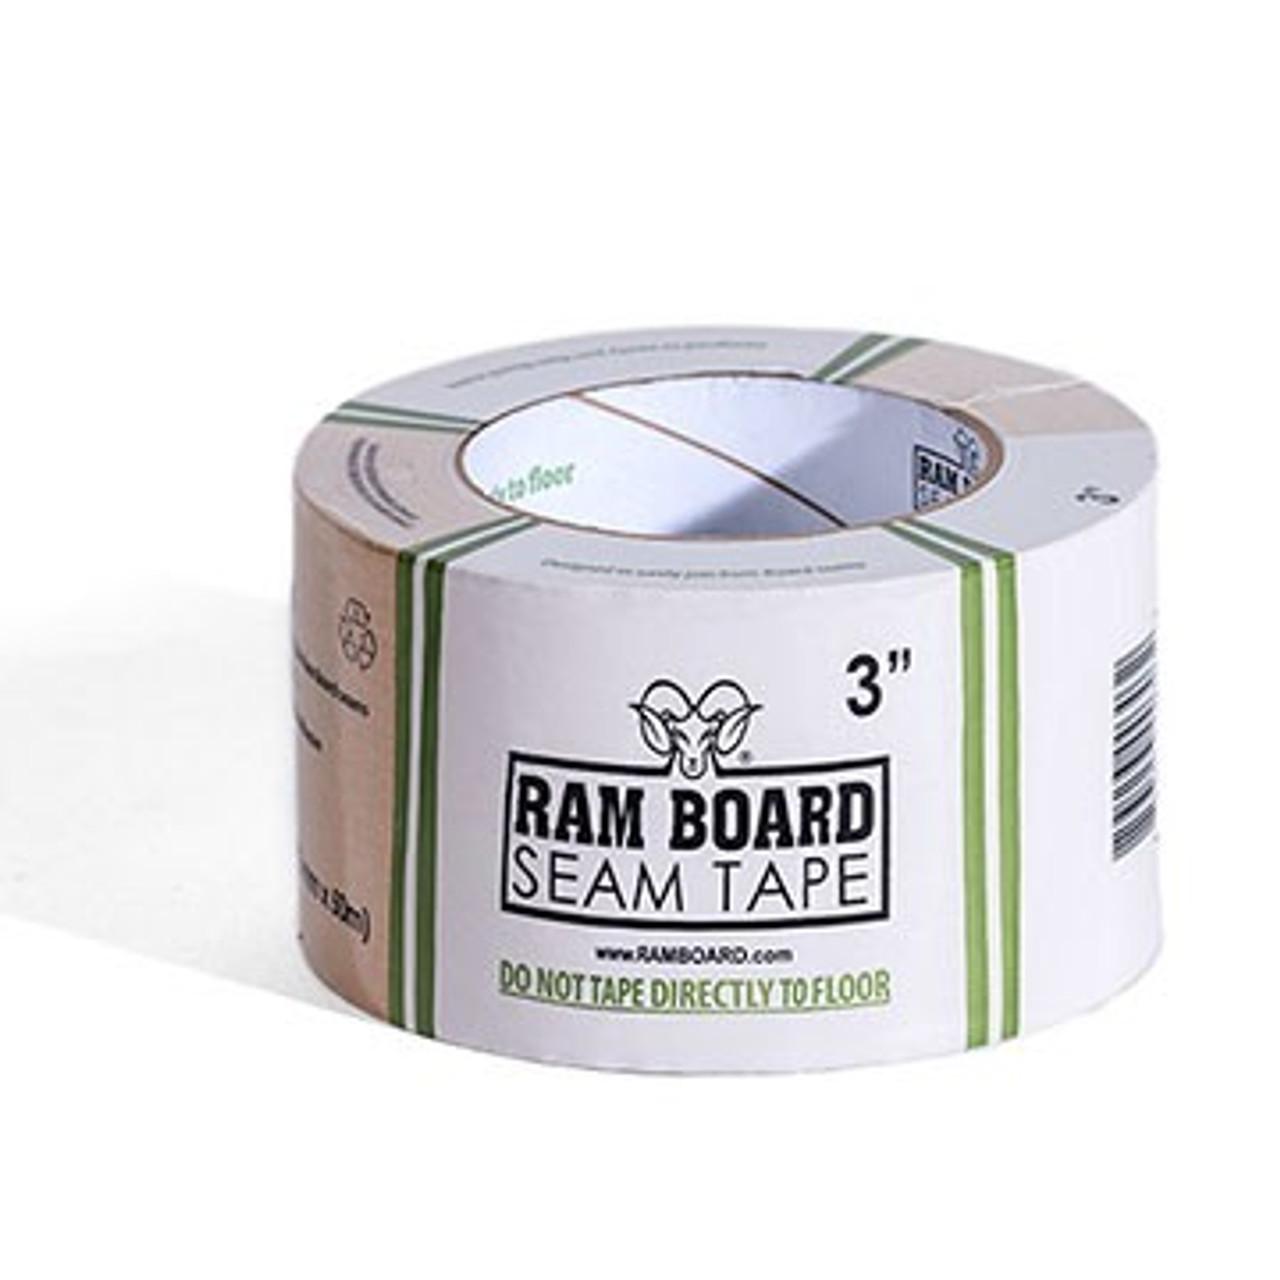 Ram Board Seam Tape